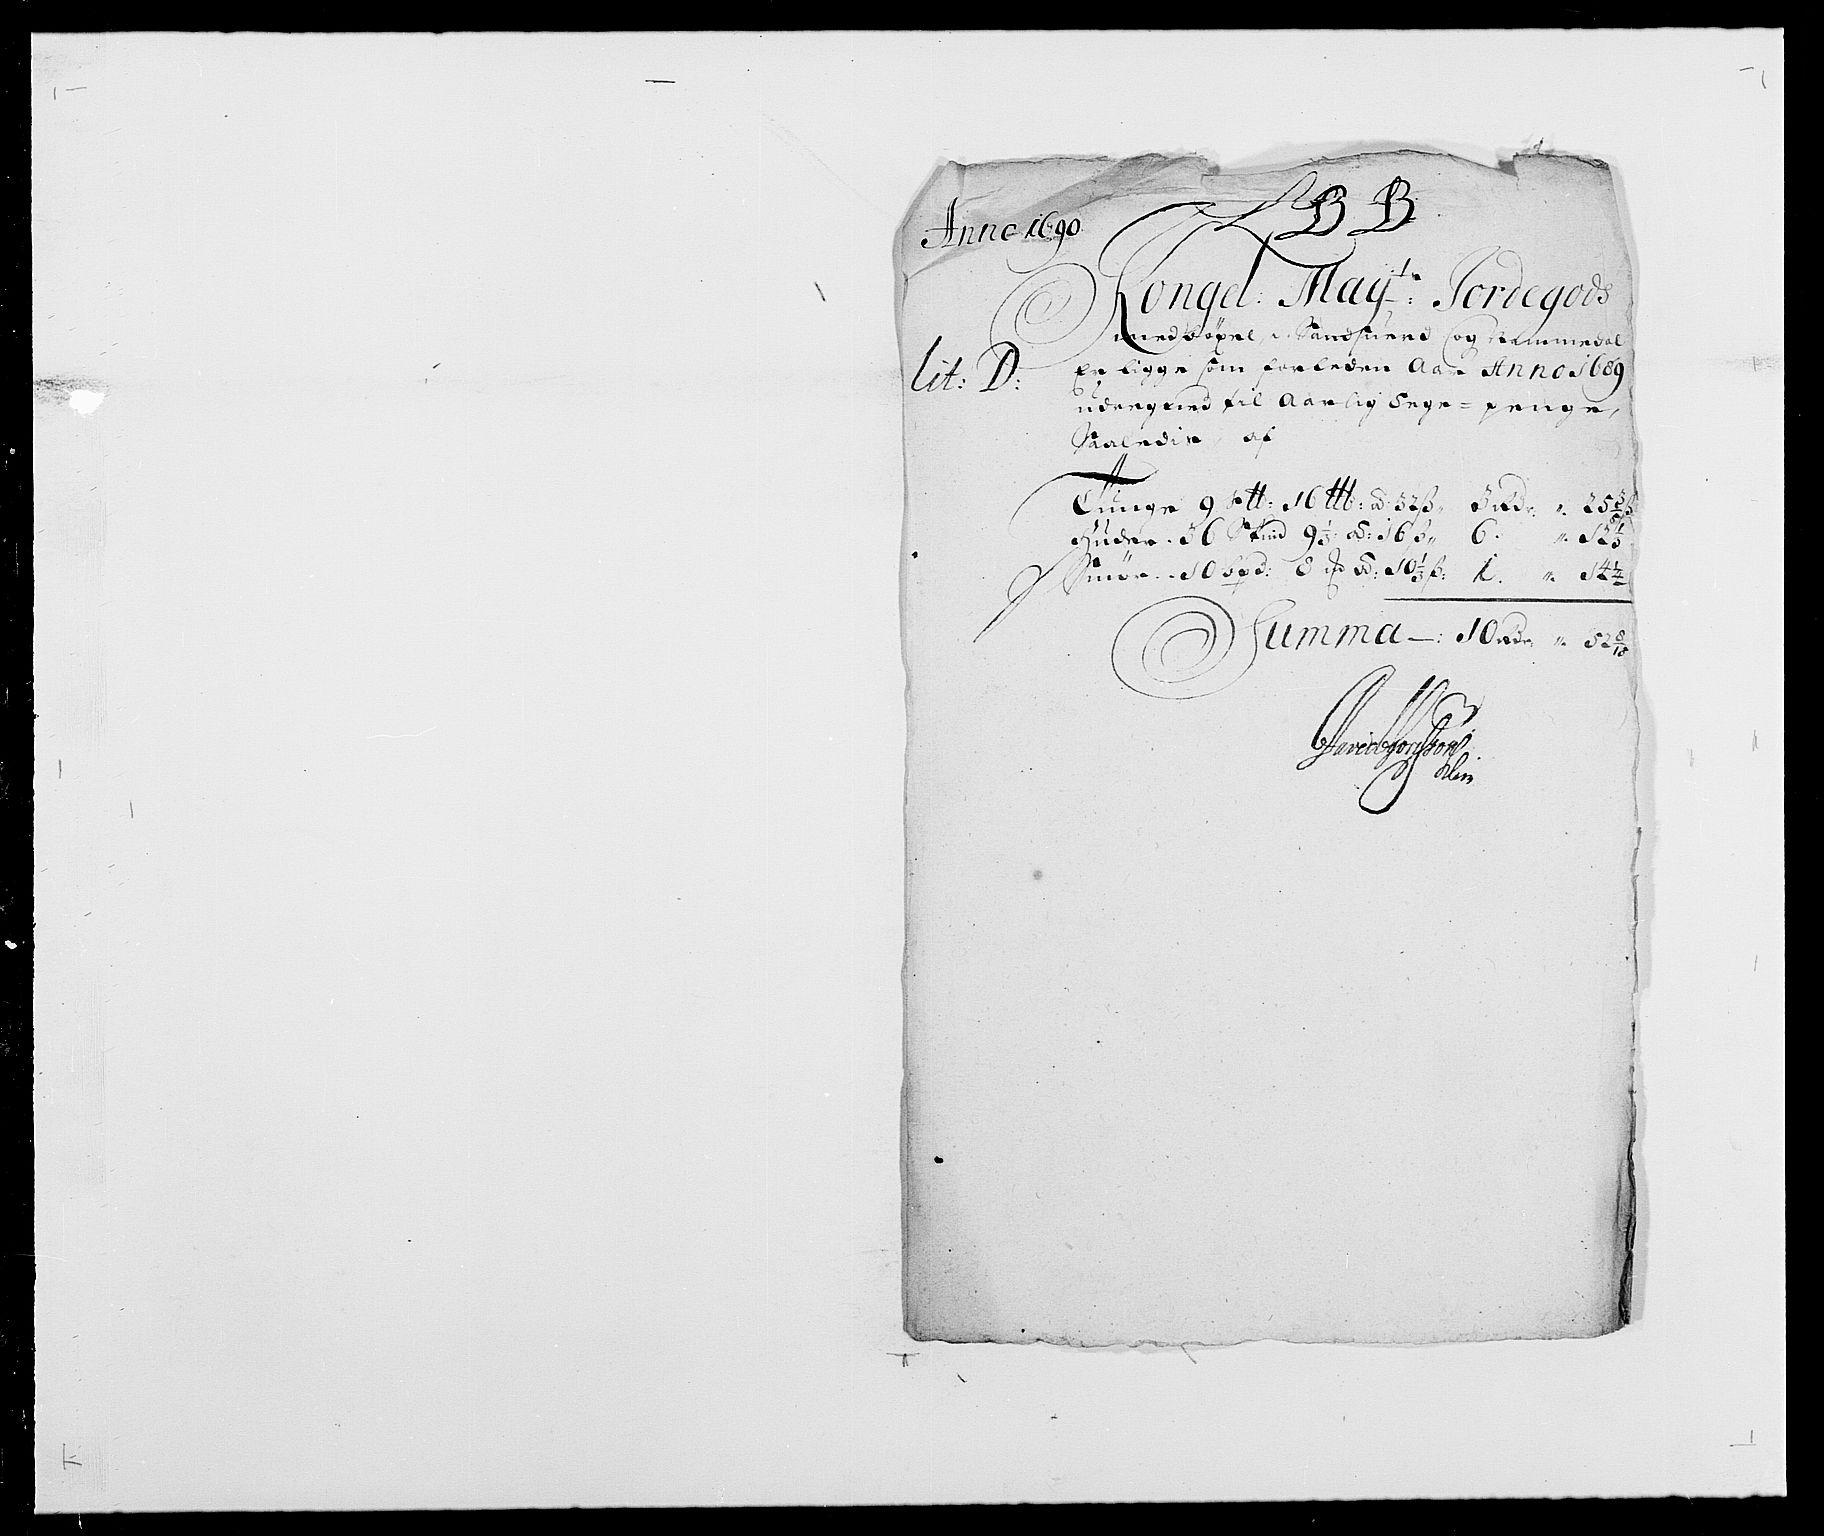 RA, Rentekammeret inntil 1814, Reviderte regnskaper, Fogderegnskap, R24/L1573: Fogderegnskap Numedal og Sandsvær, 1687-1691, s. 426